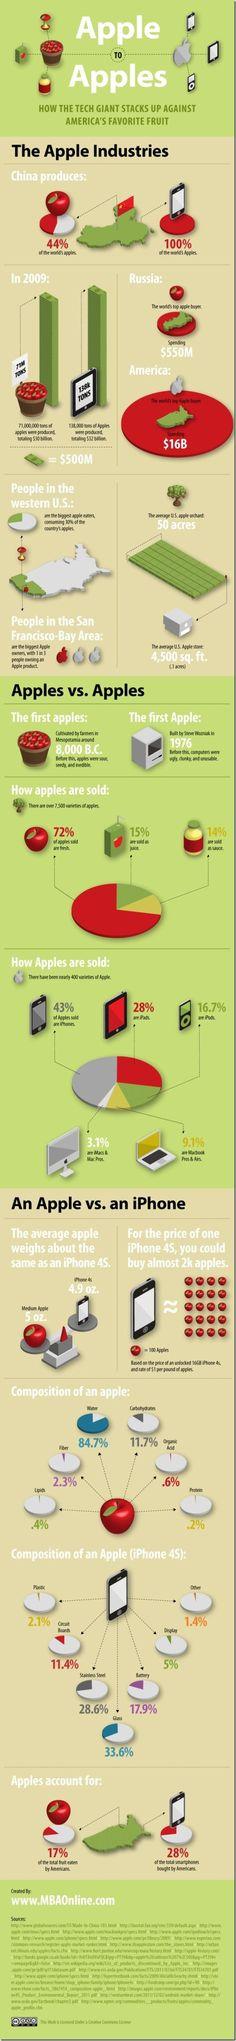 Interesting Infographic - Apple vs Apples!